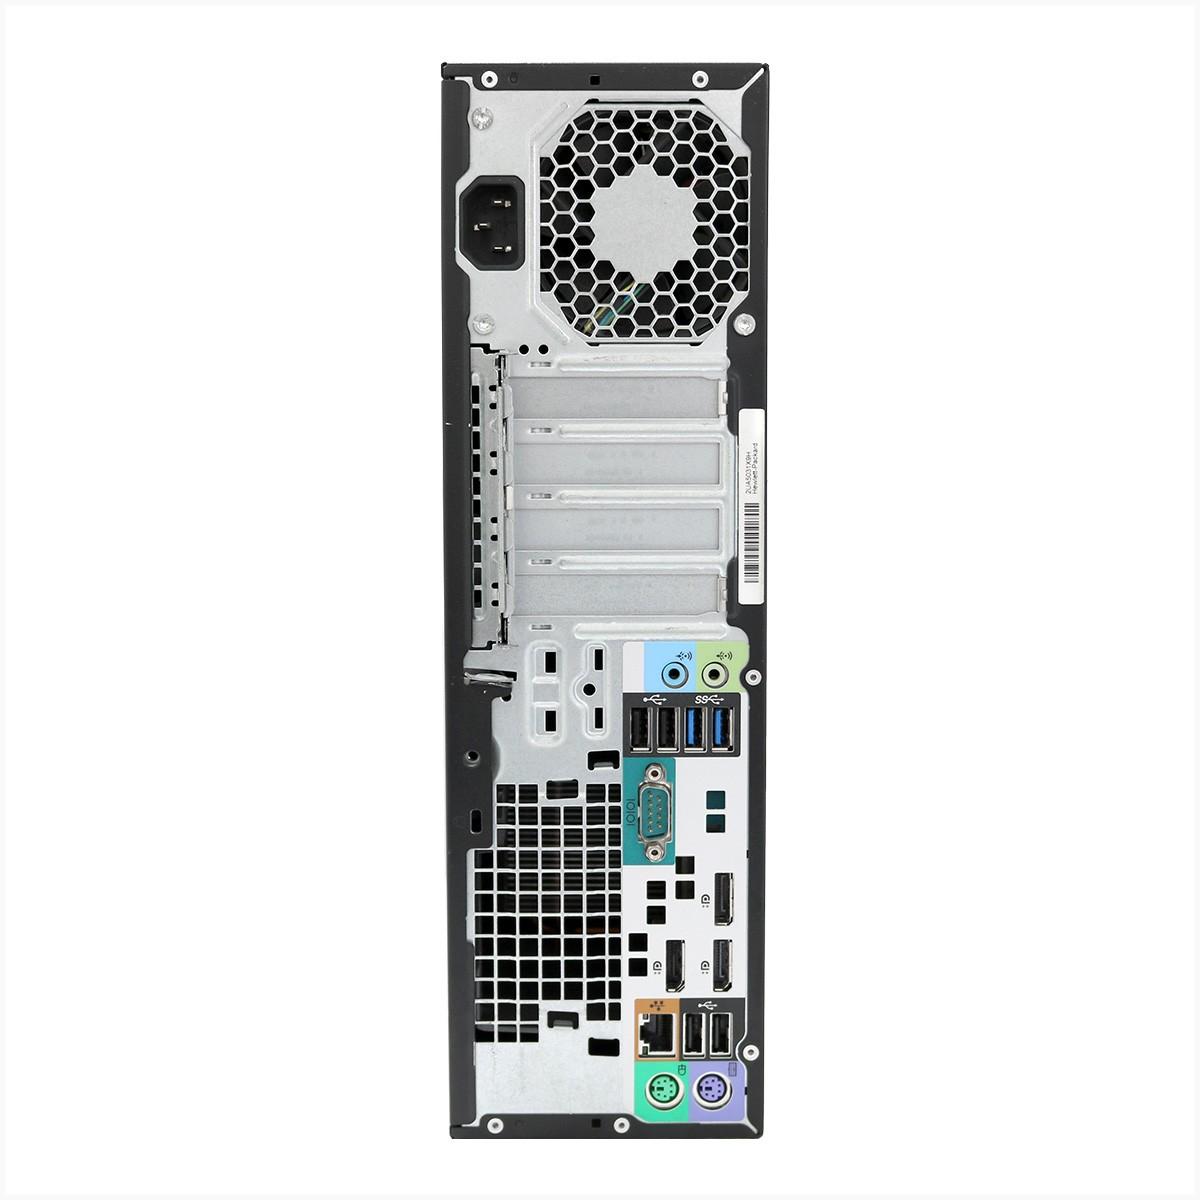 Workstation hp z230 xeon E3-1225 4gb 500gb - usado